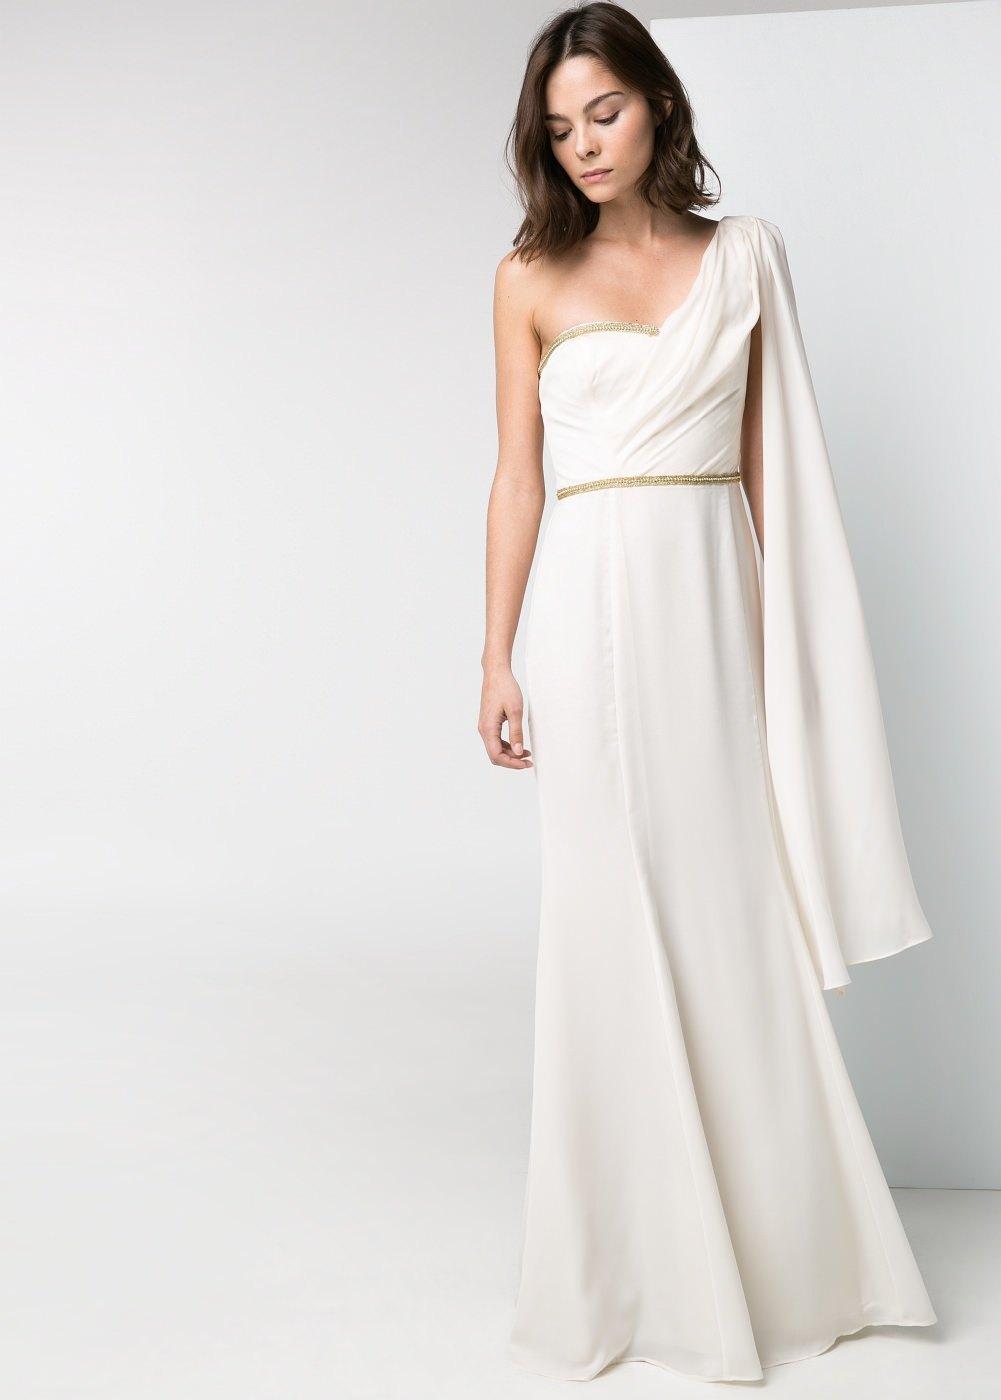 38a81262 Vestidos de Novia Baratos por menos de 100€ - Diario de una Novia